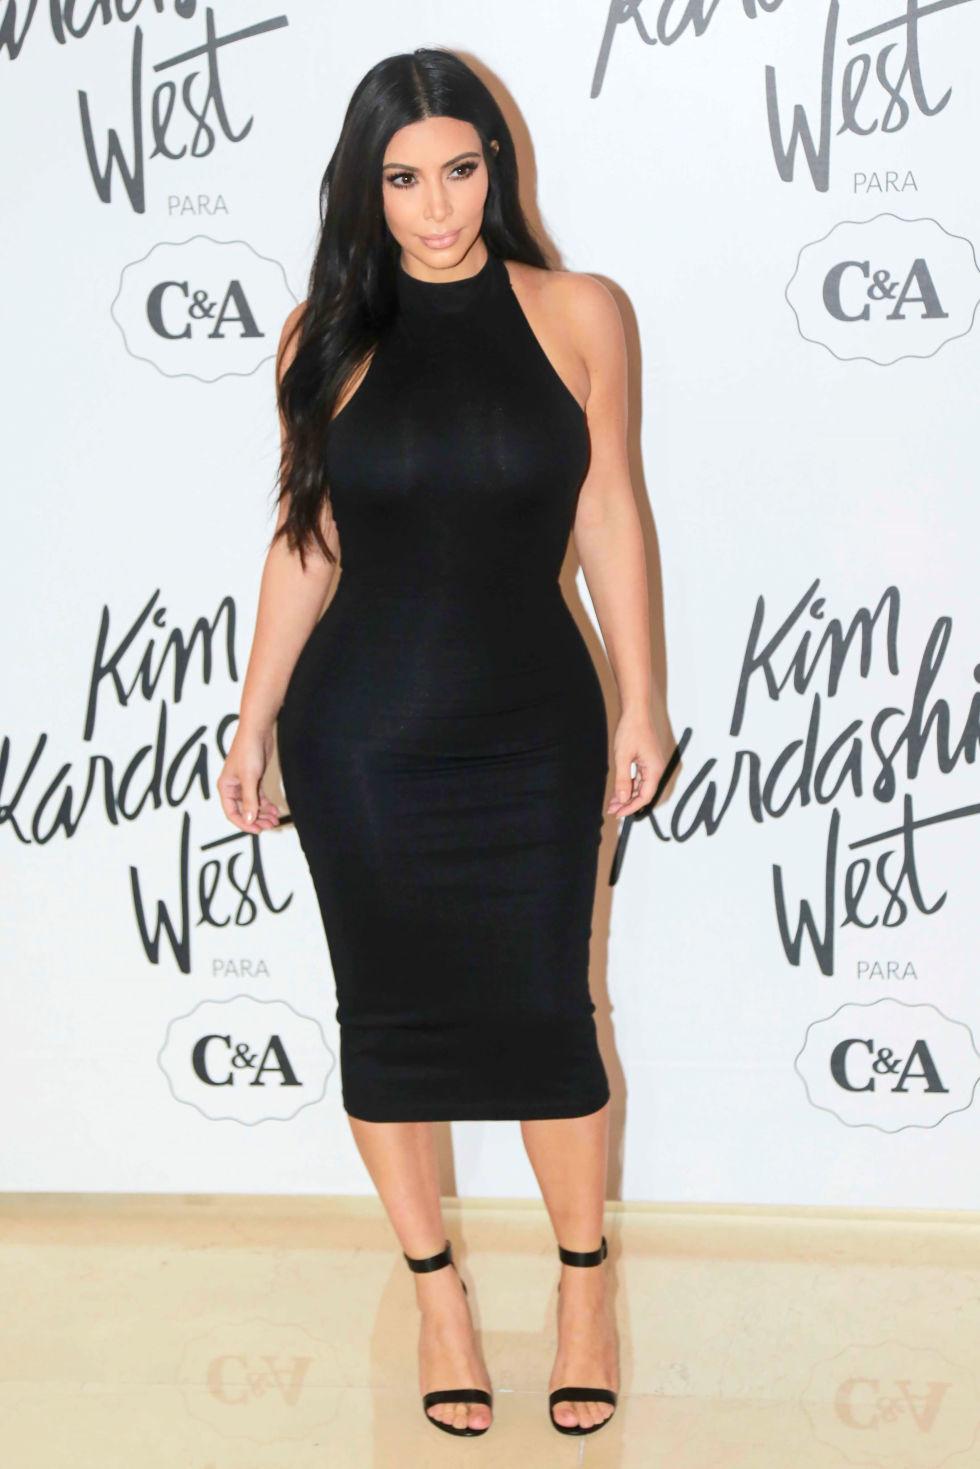 pics of kim kardashian dresses